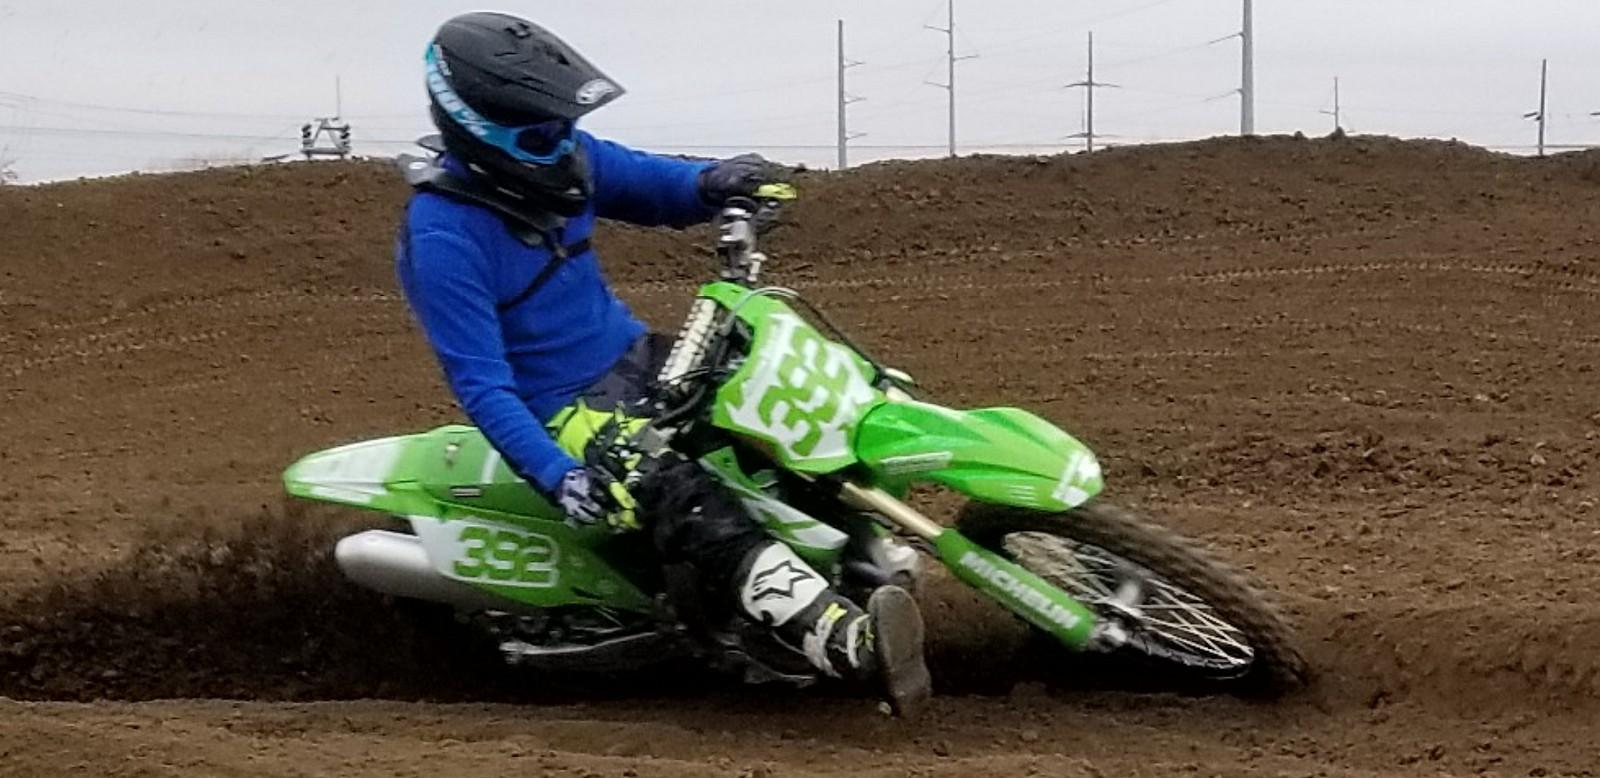 Screenshot 20191228-190928 Gallery[1701978] - mxaaron - Motocross Pictures - Vital MX